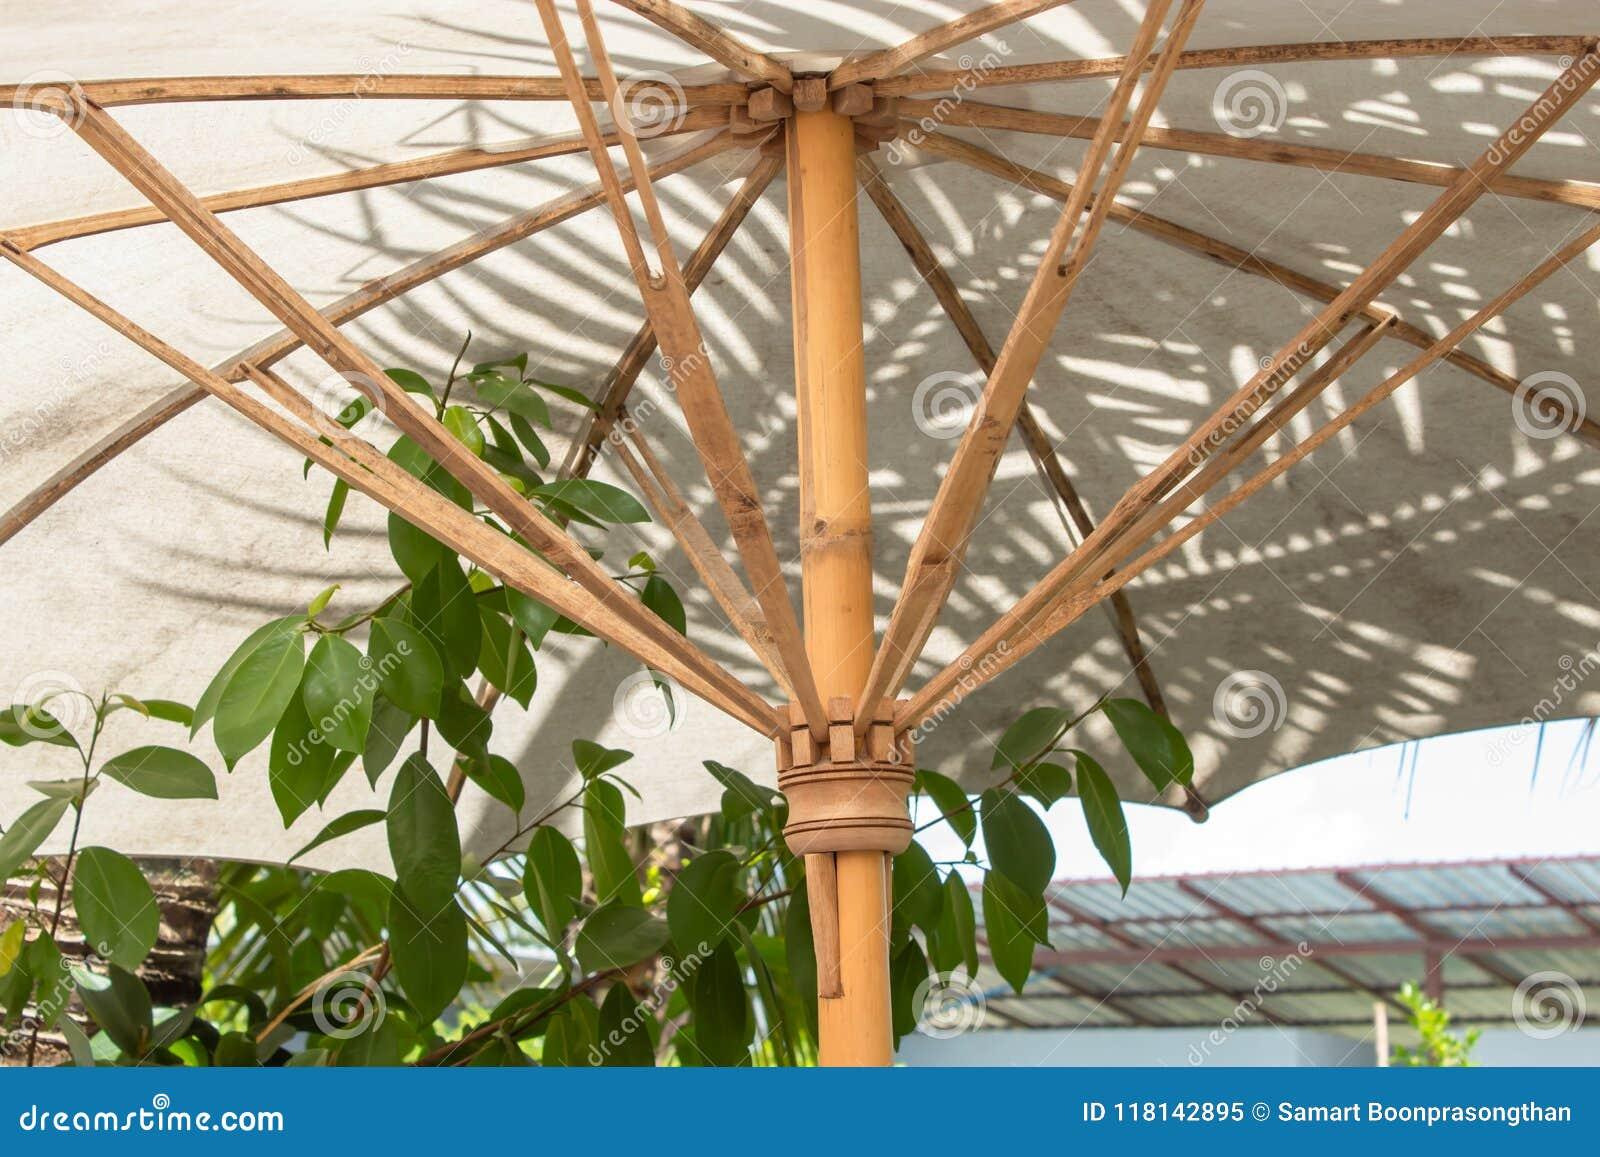 伞由竹茎做成